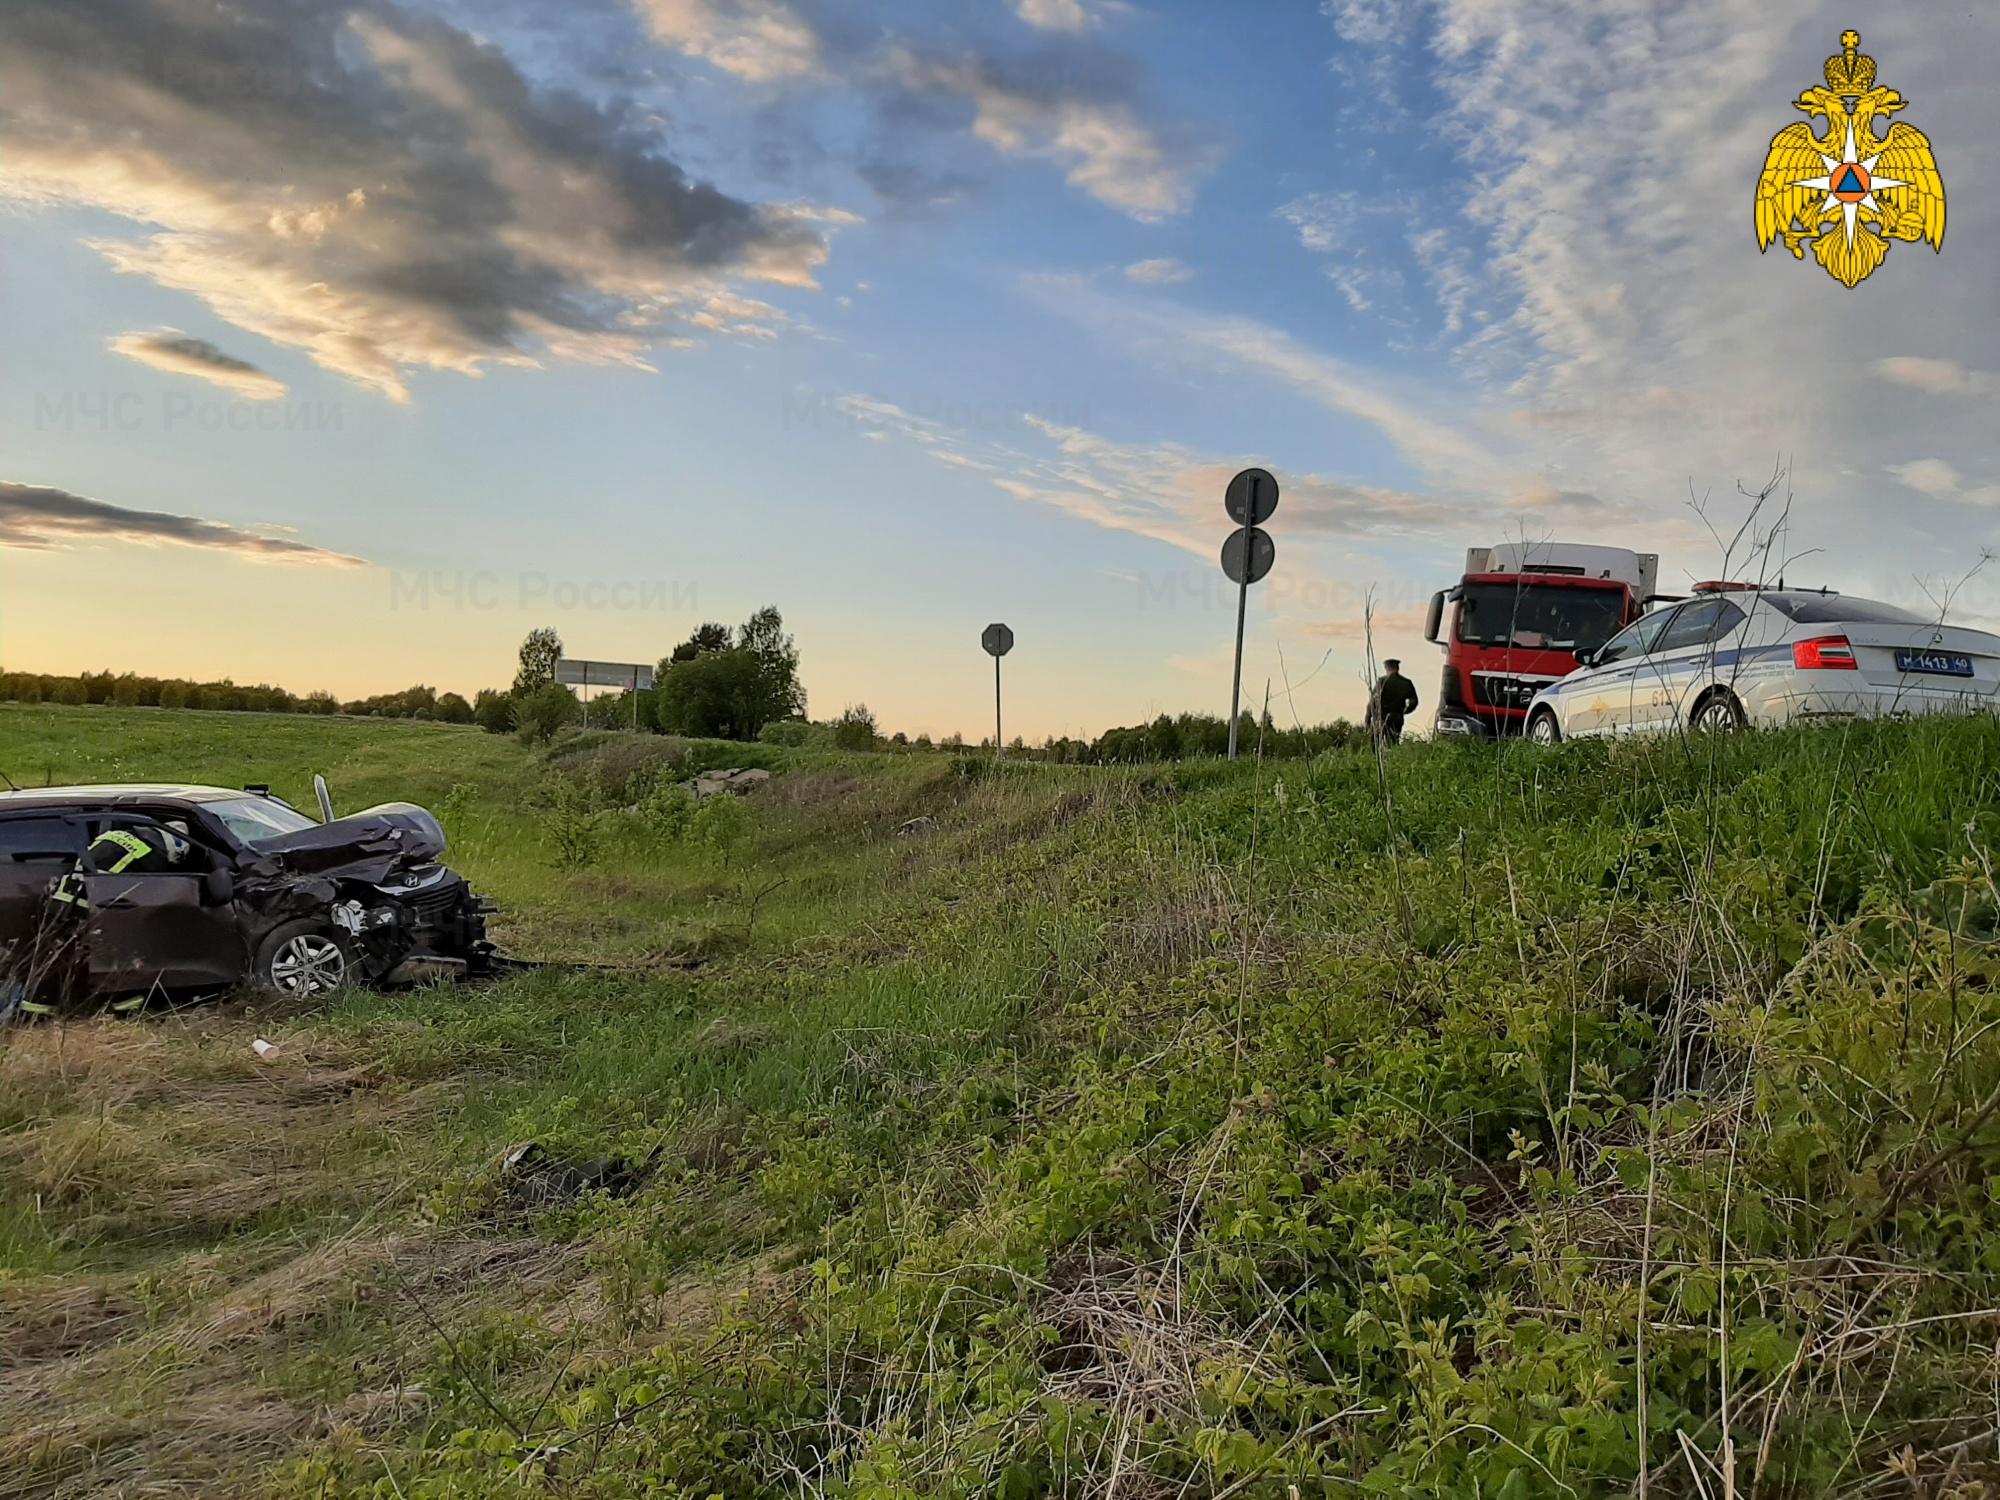 Спасатели МЧС принимали участие в ликвидации ДТП в Козельском районе, 12 км автодорога «Козельск-Кудринская»